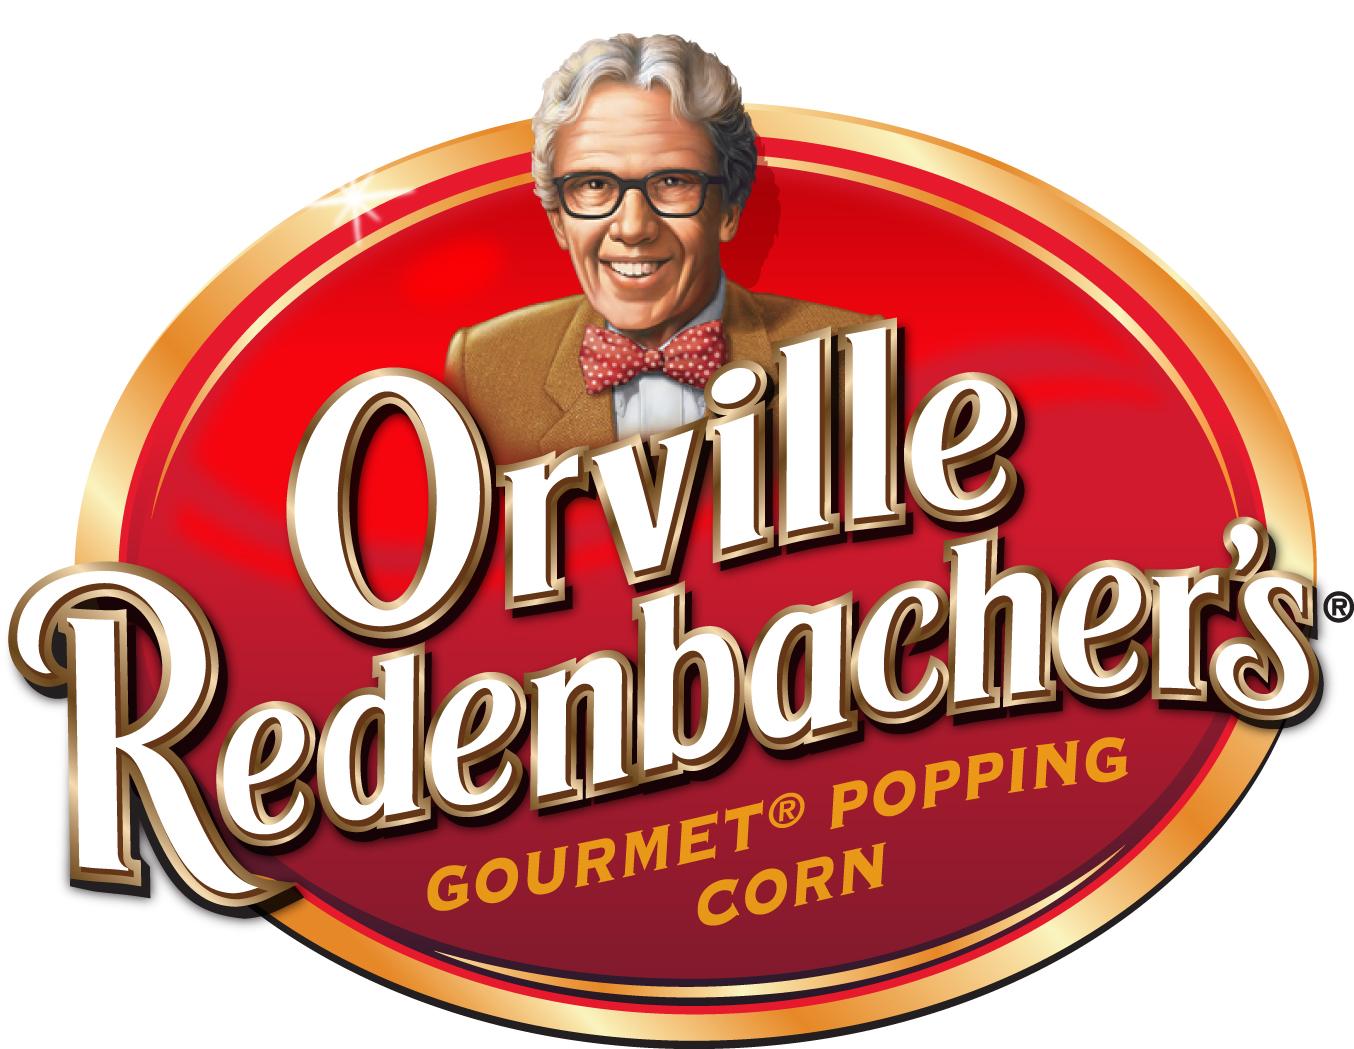 Orville_Redenbachers_Logo.jpg